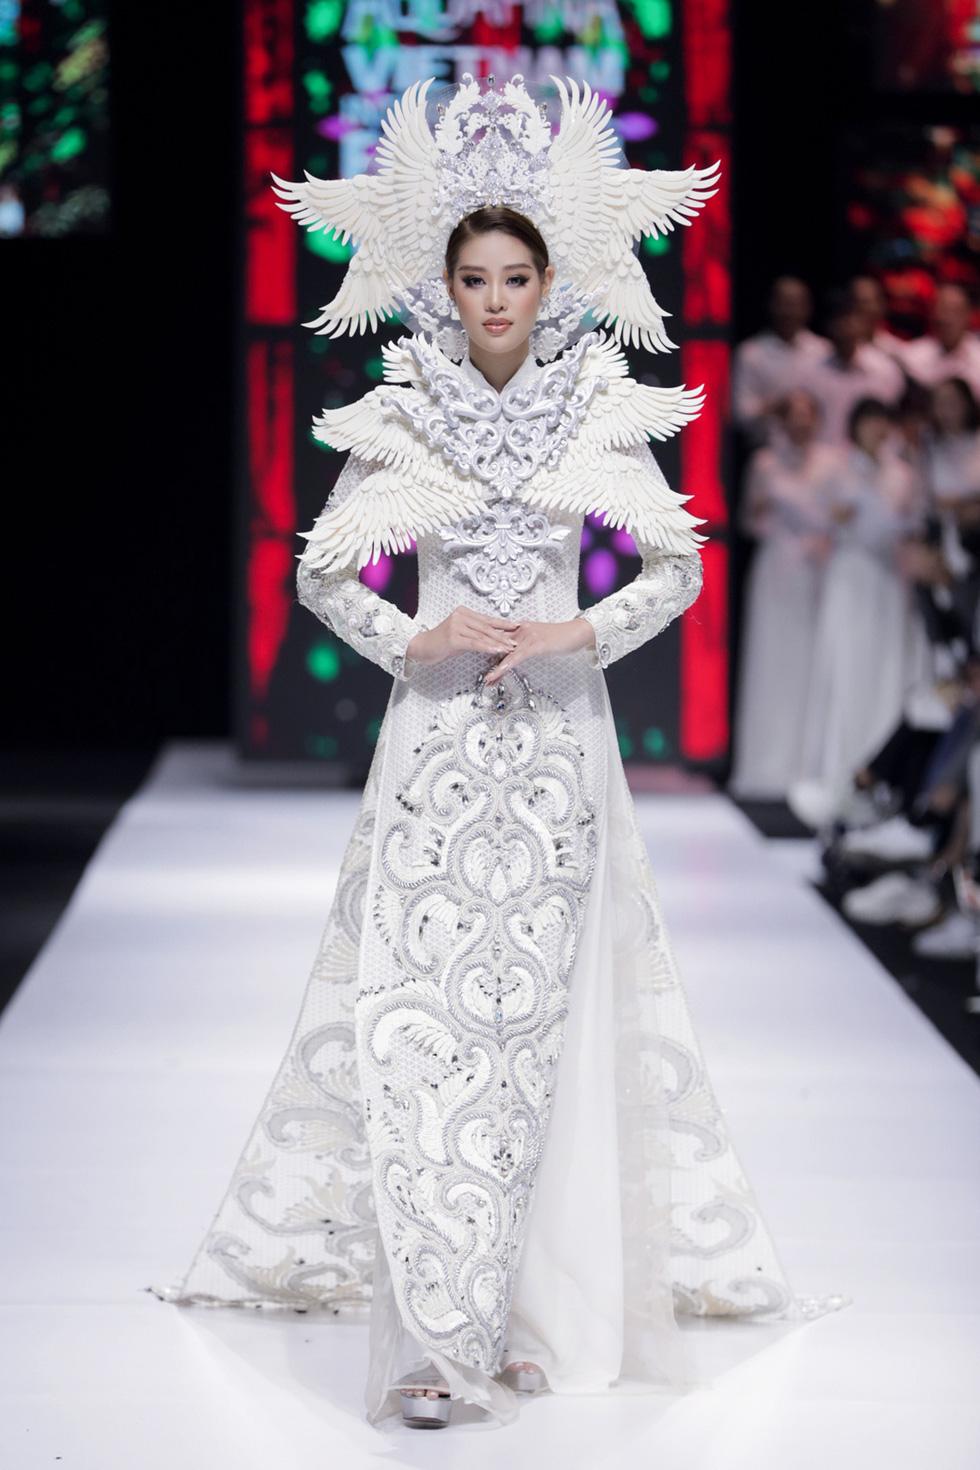 Hoa hậu Khánh Vân làm vedette, NSND Hồng Vân làm người mẫu catwalk cho nhà thiết kế Minh Châu - Ảnh 1.